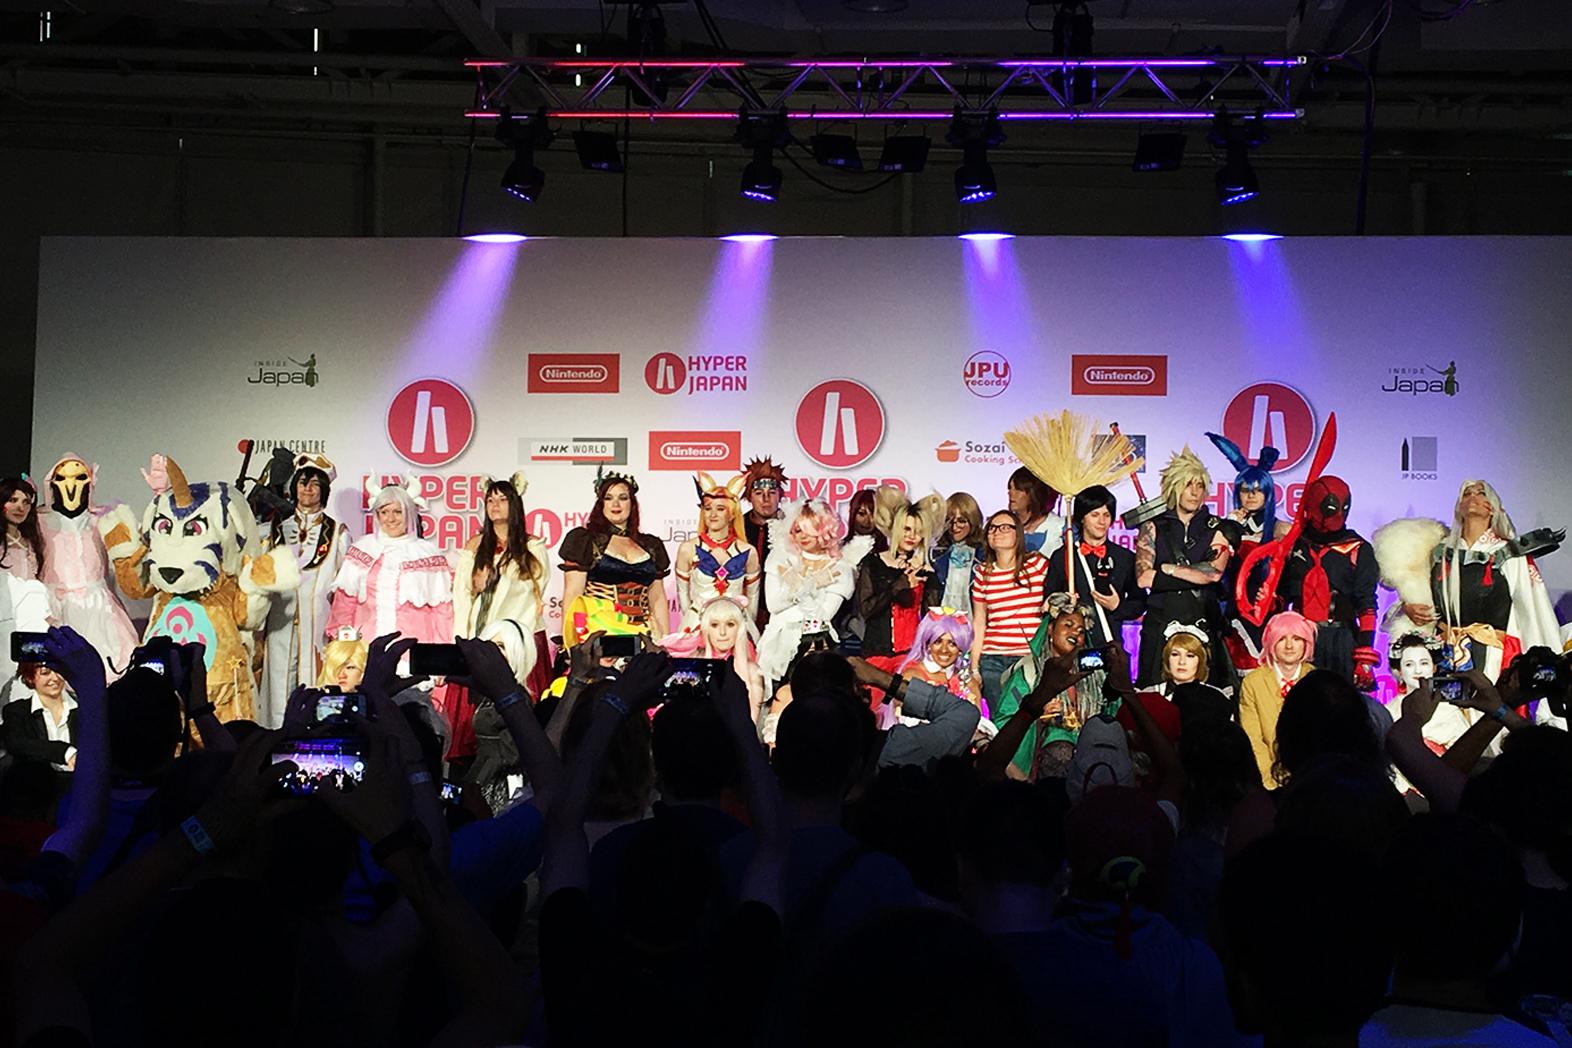 20180726【HYPER JAPAN】HYPER JAPAN 2018 COSPLAY GALLERY!